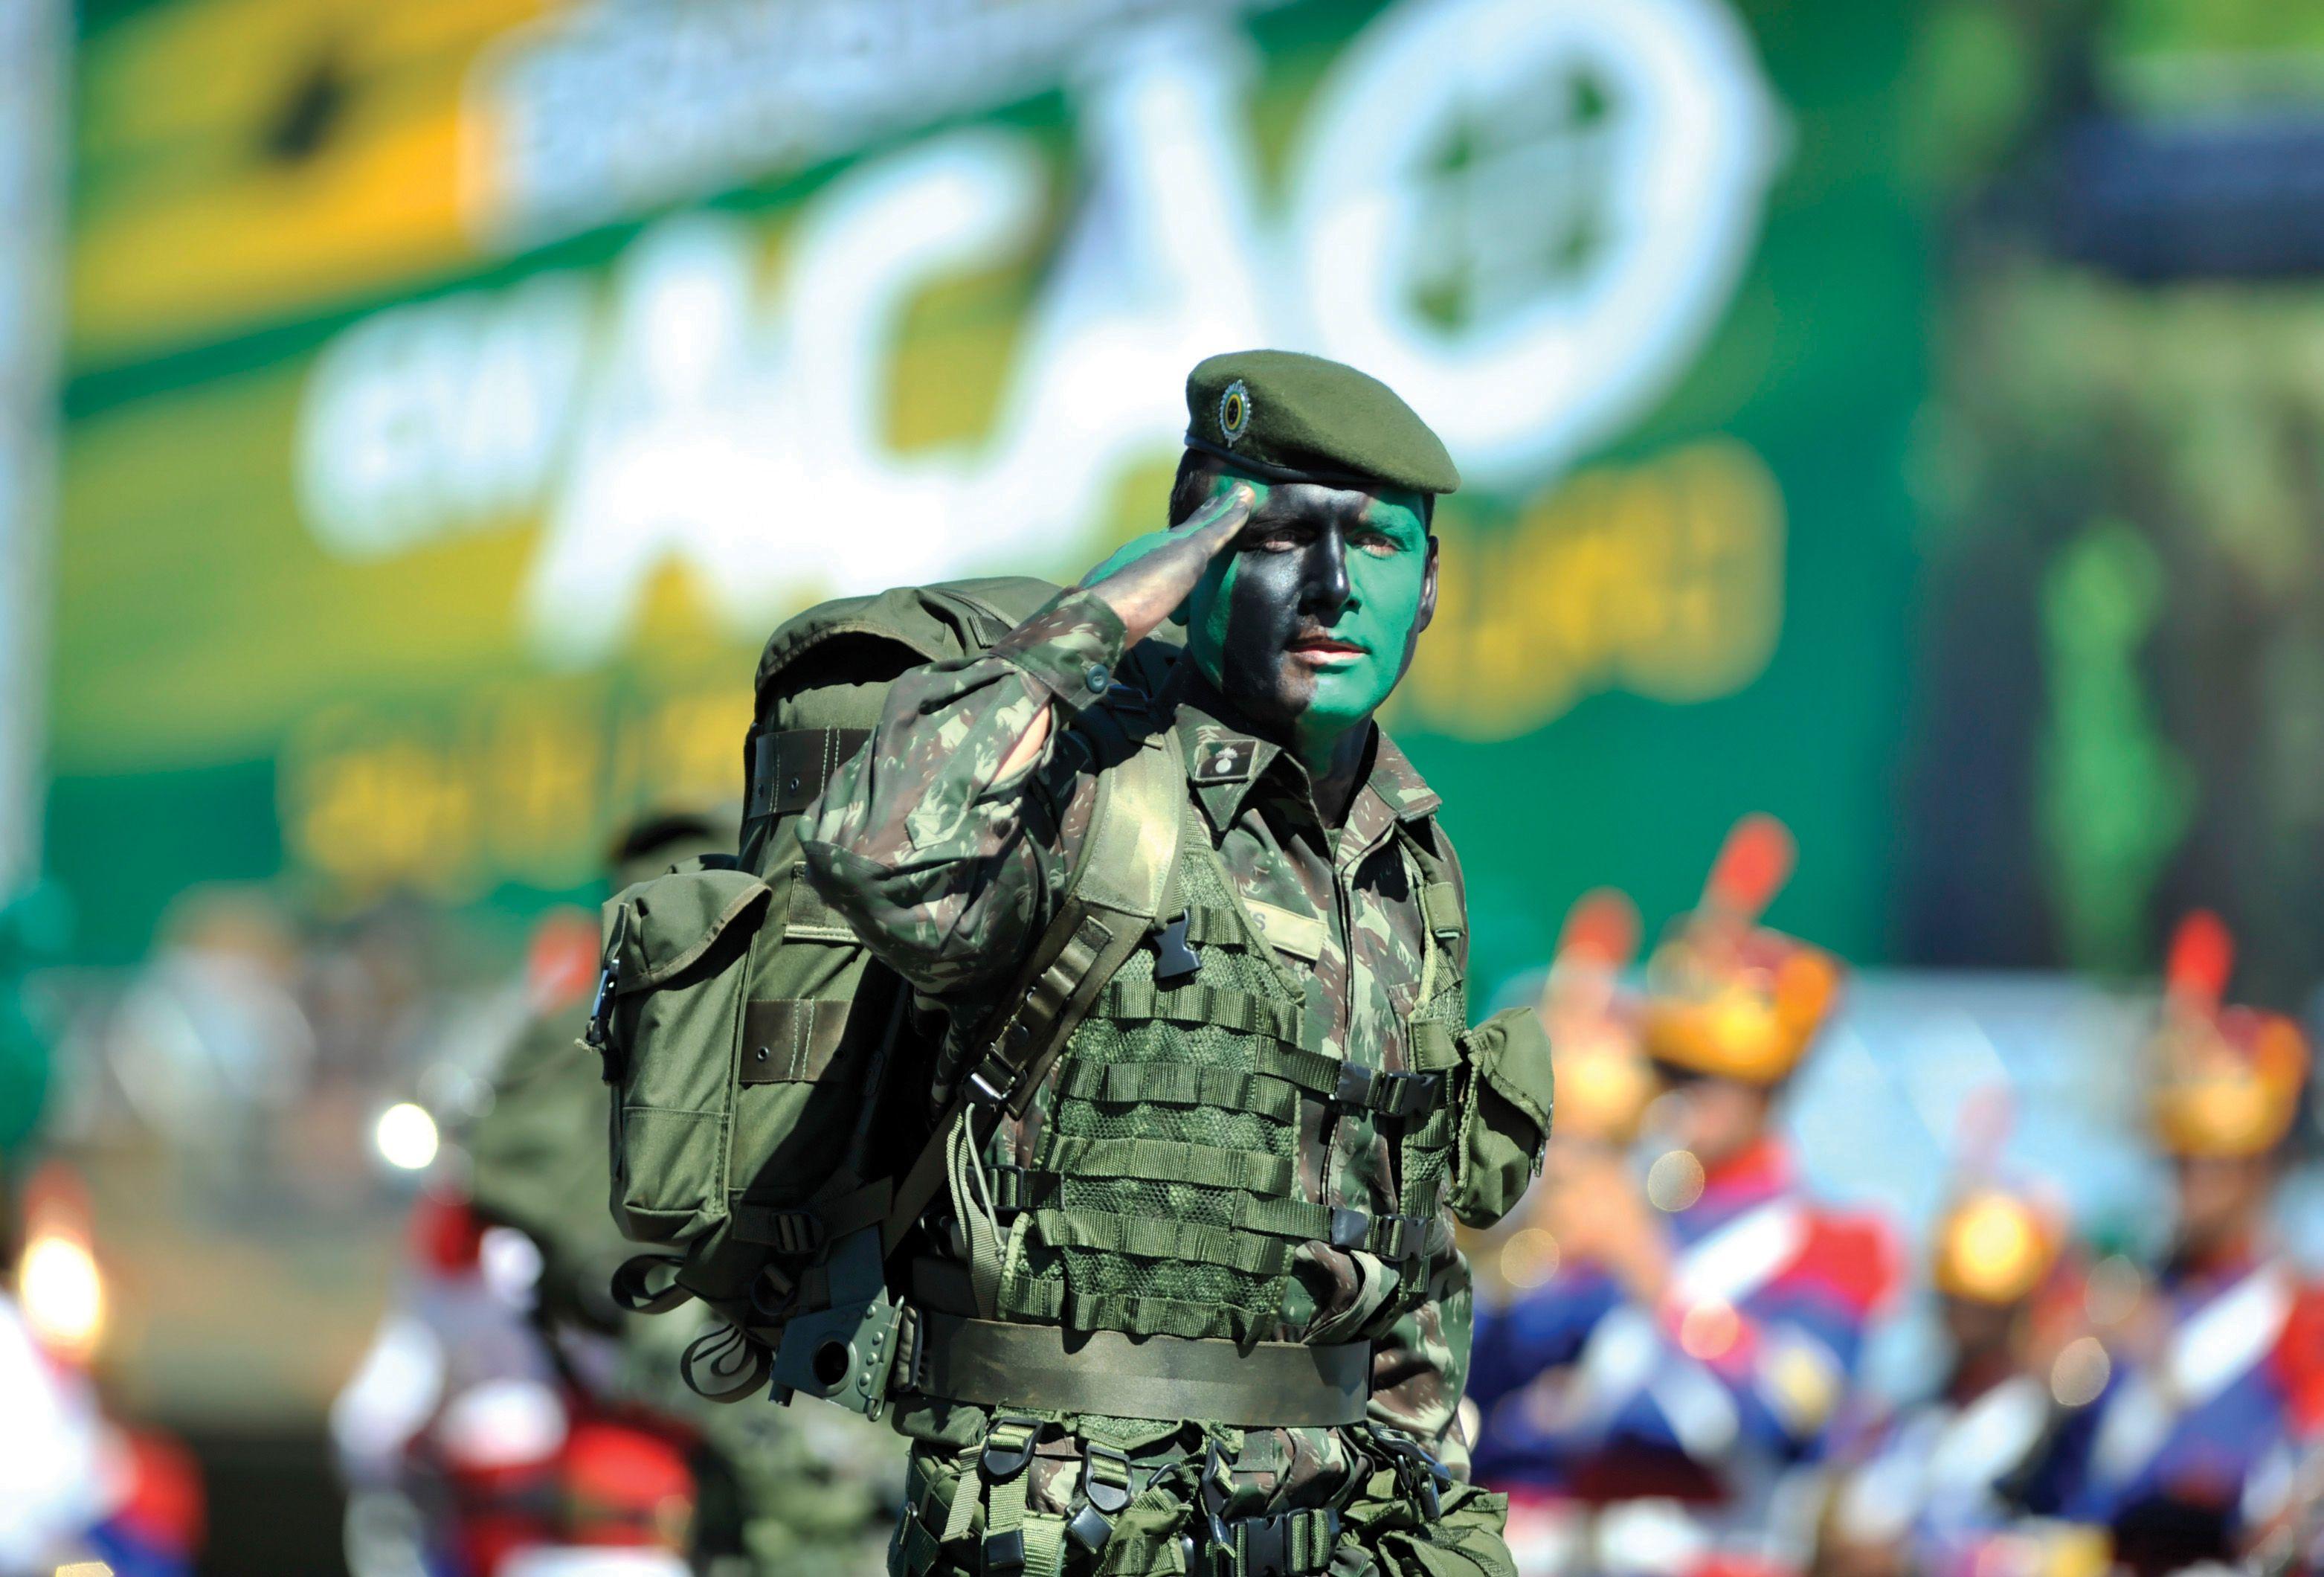 Exercito Brasileiro Wallpaper  b9656559371